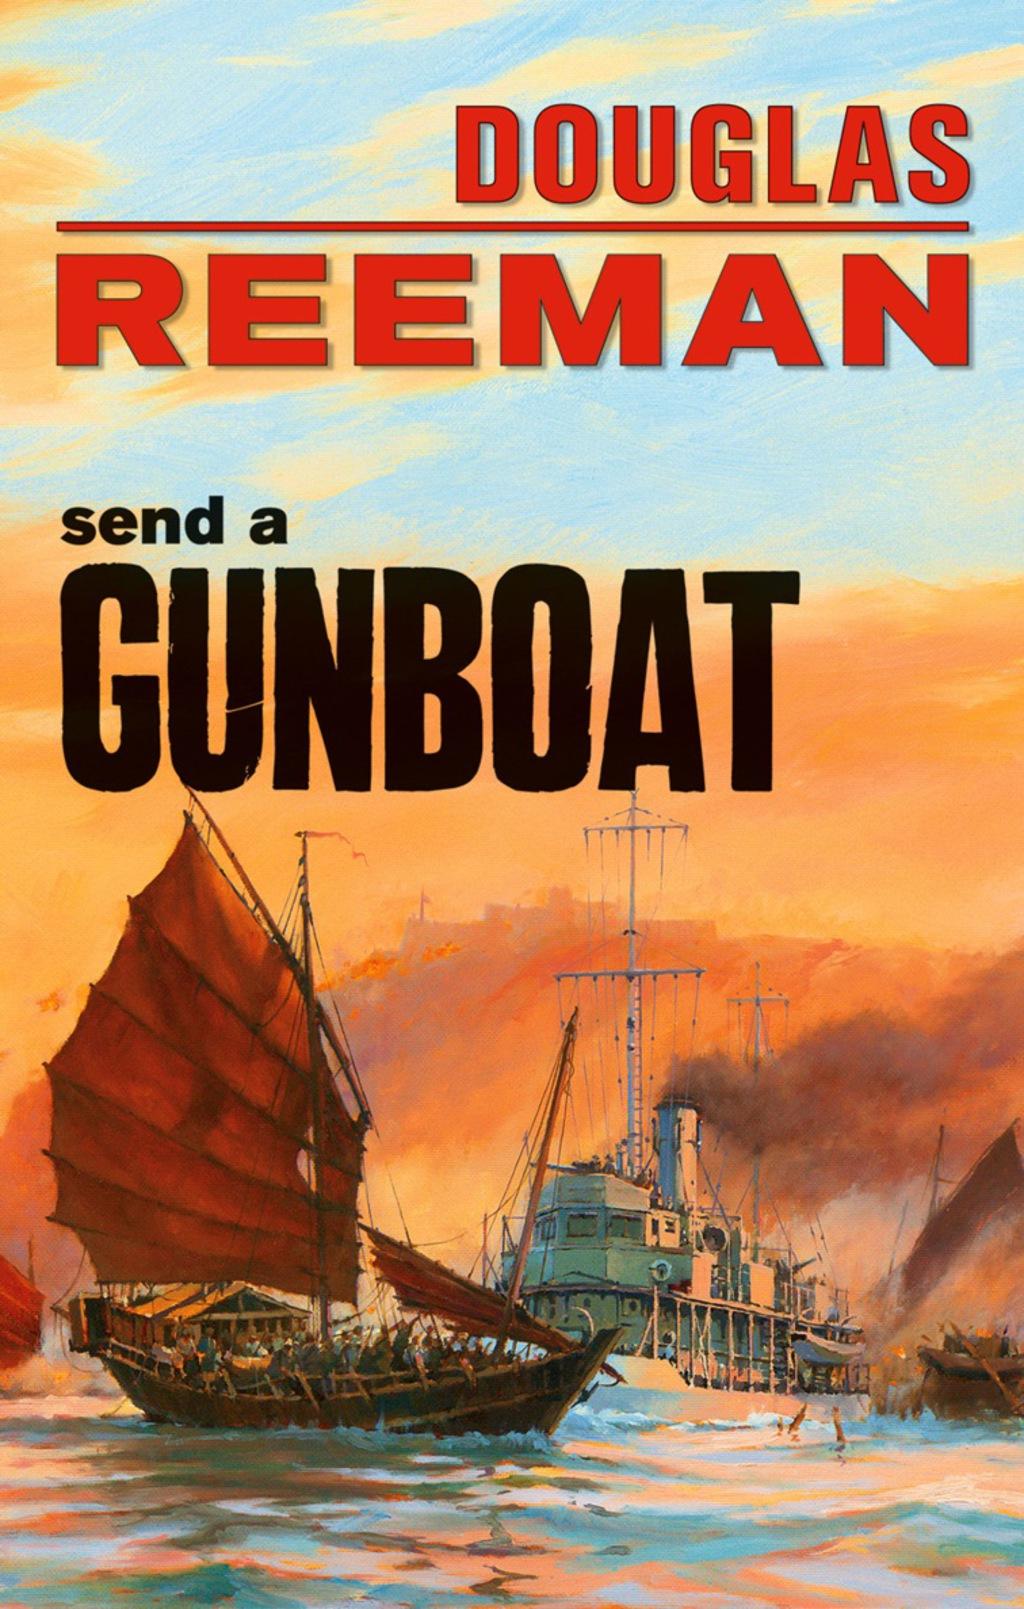 By Douglas Reeman PRINTISBN: 9781590137291 E-TEXT ISBN: 9781590137284 Edition: 1